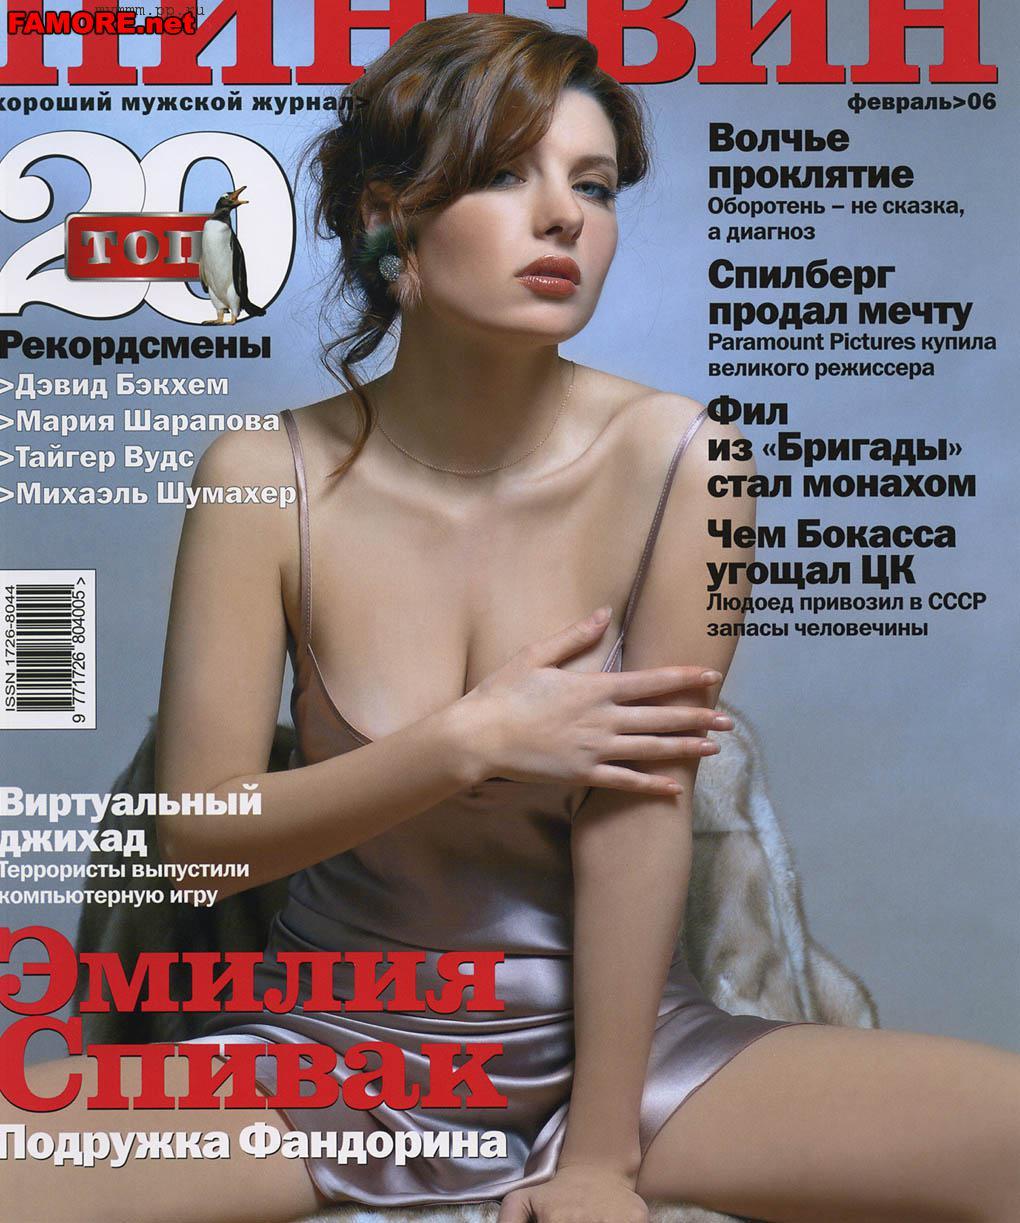 ofitsialniy-rossiyskiy-eroticheskiy-sayt